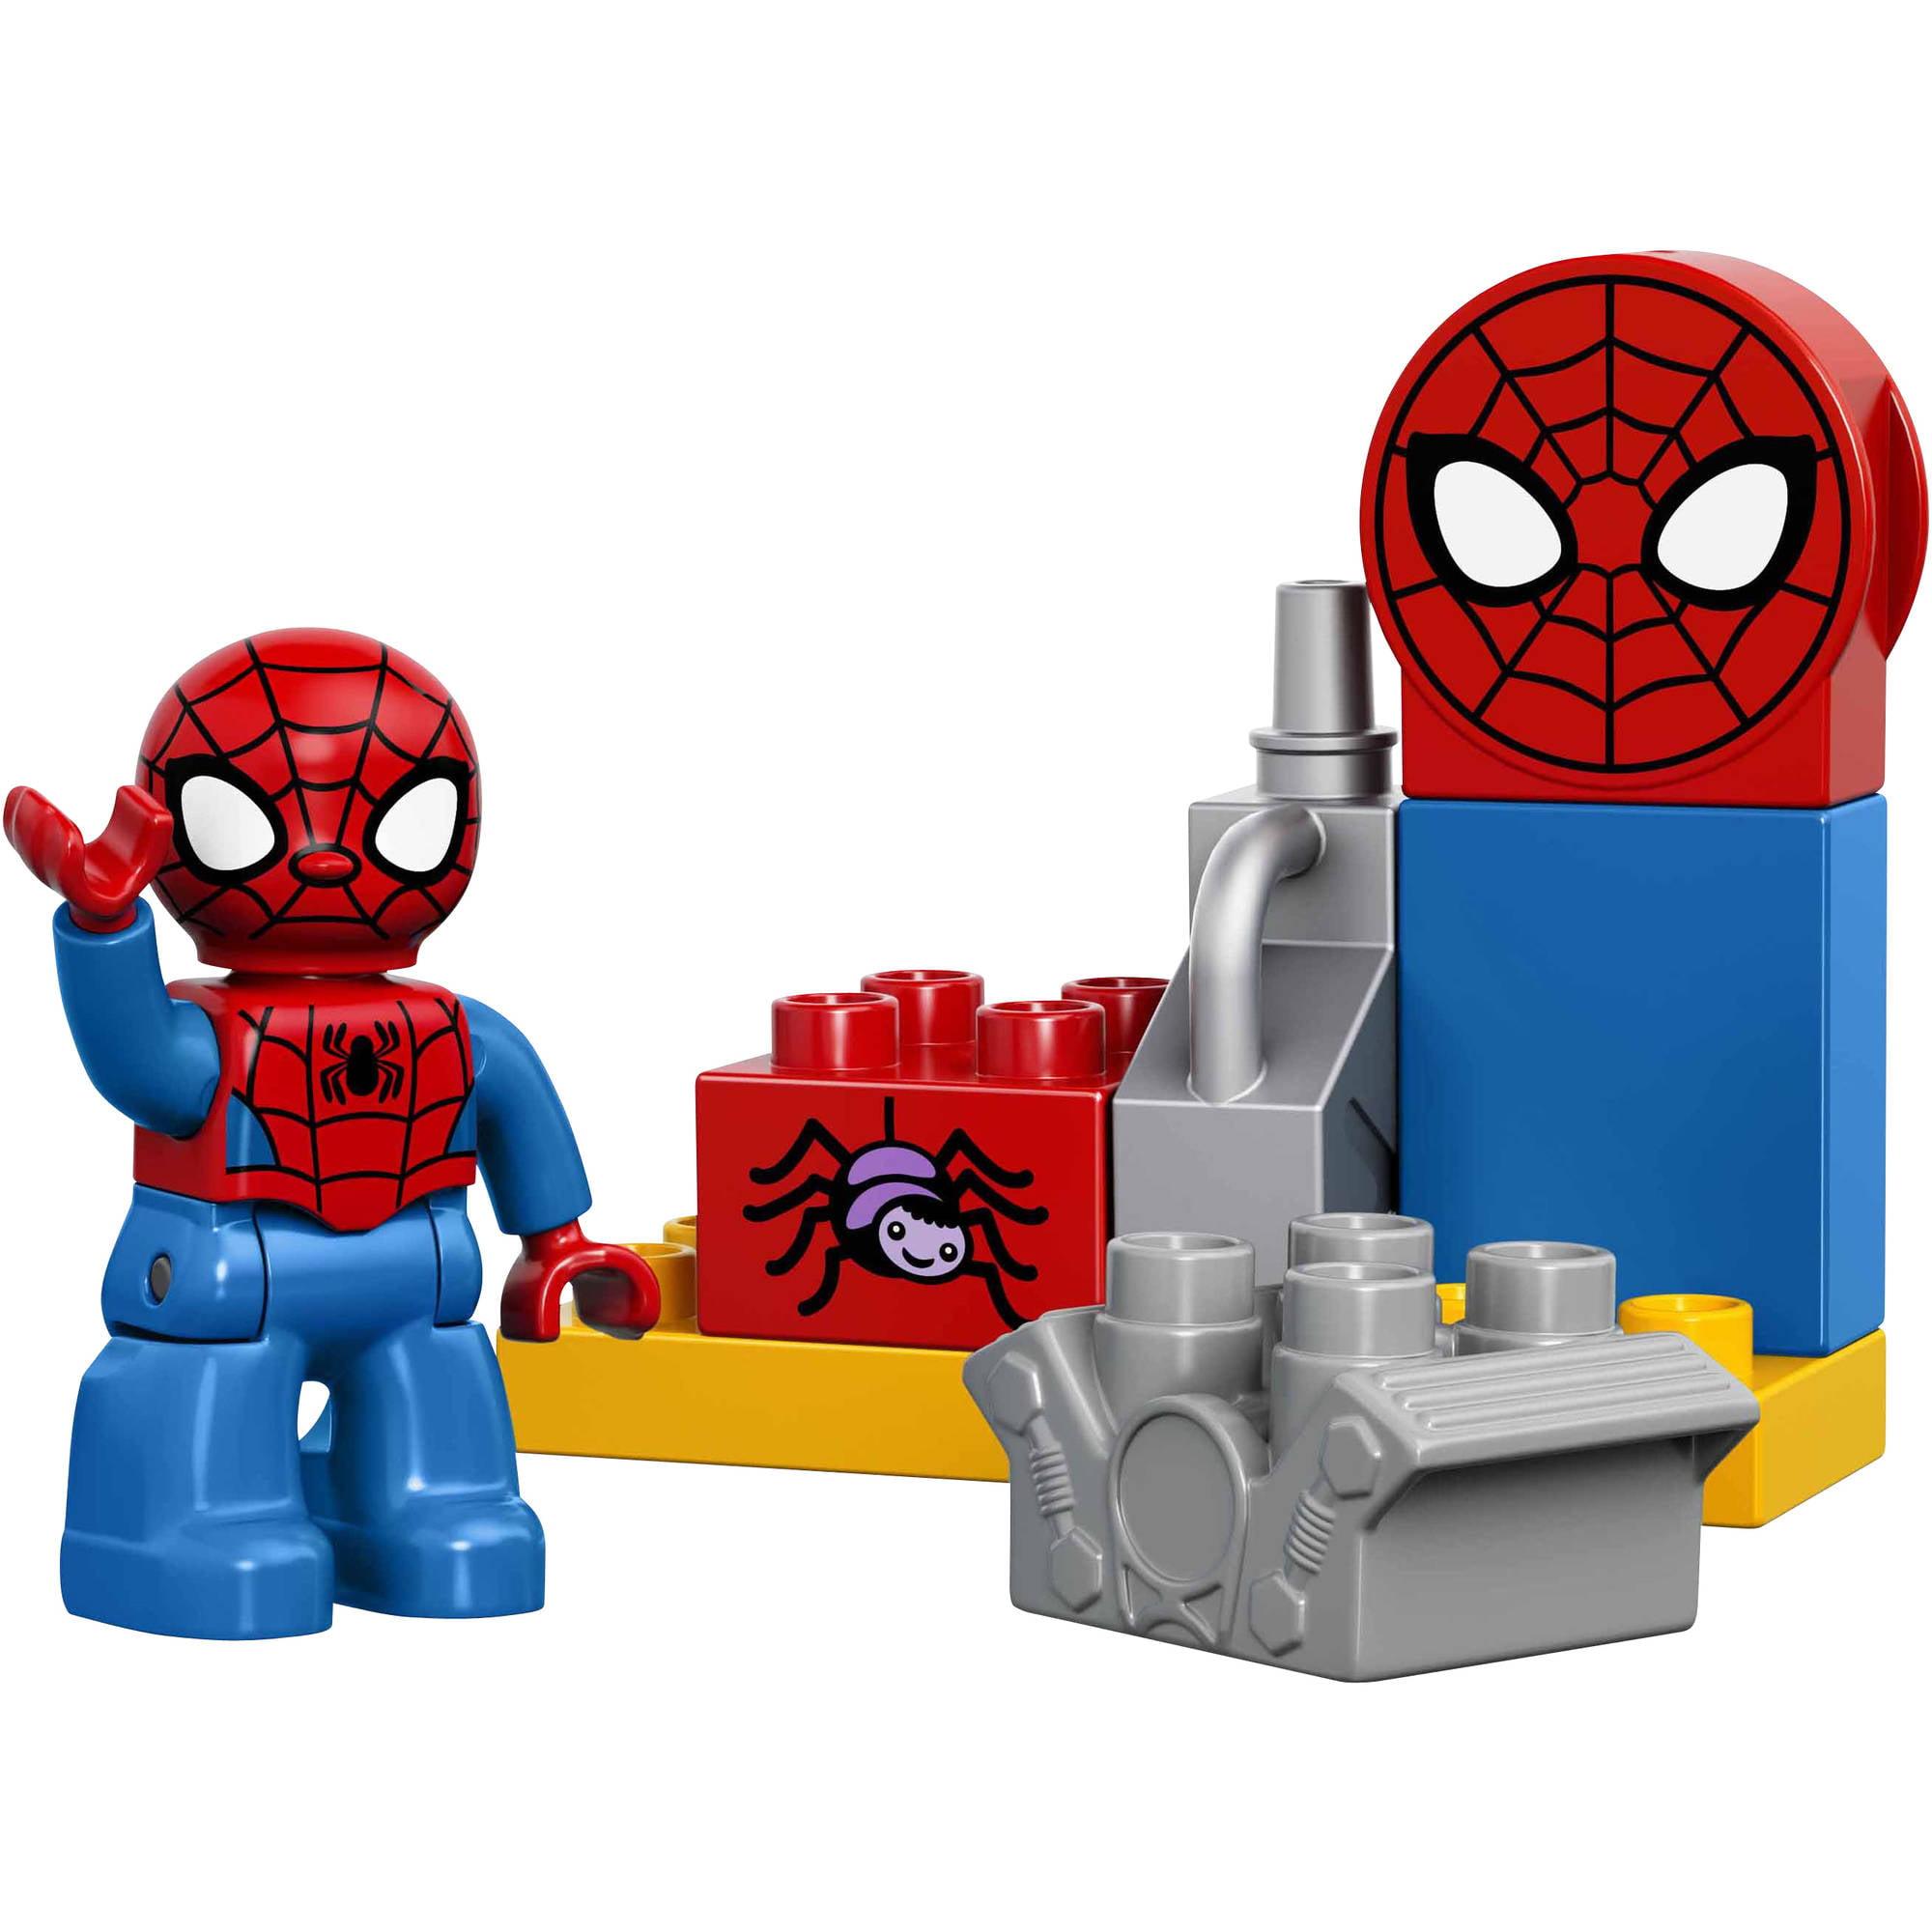 LEGO DUPLO Marvel Spider Man Web Bike Workshop Building Set, 10607    Walmart.com